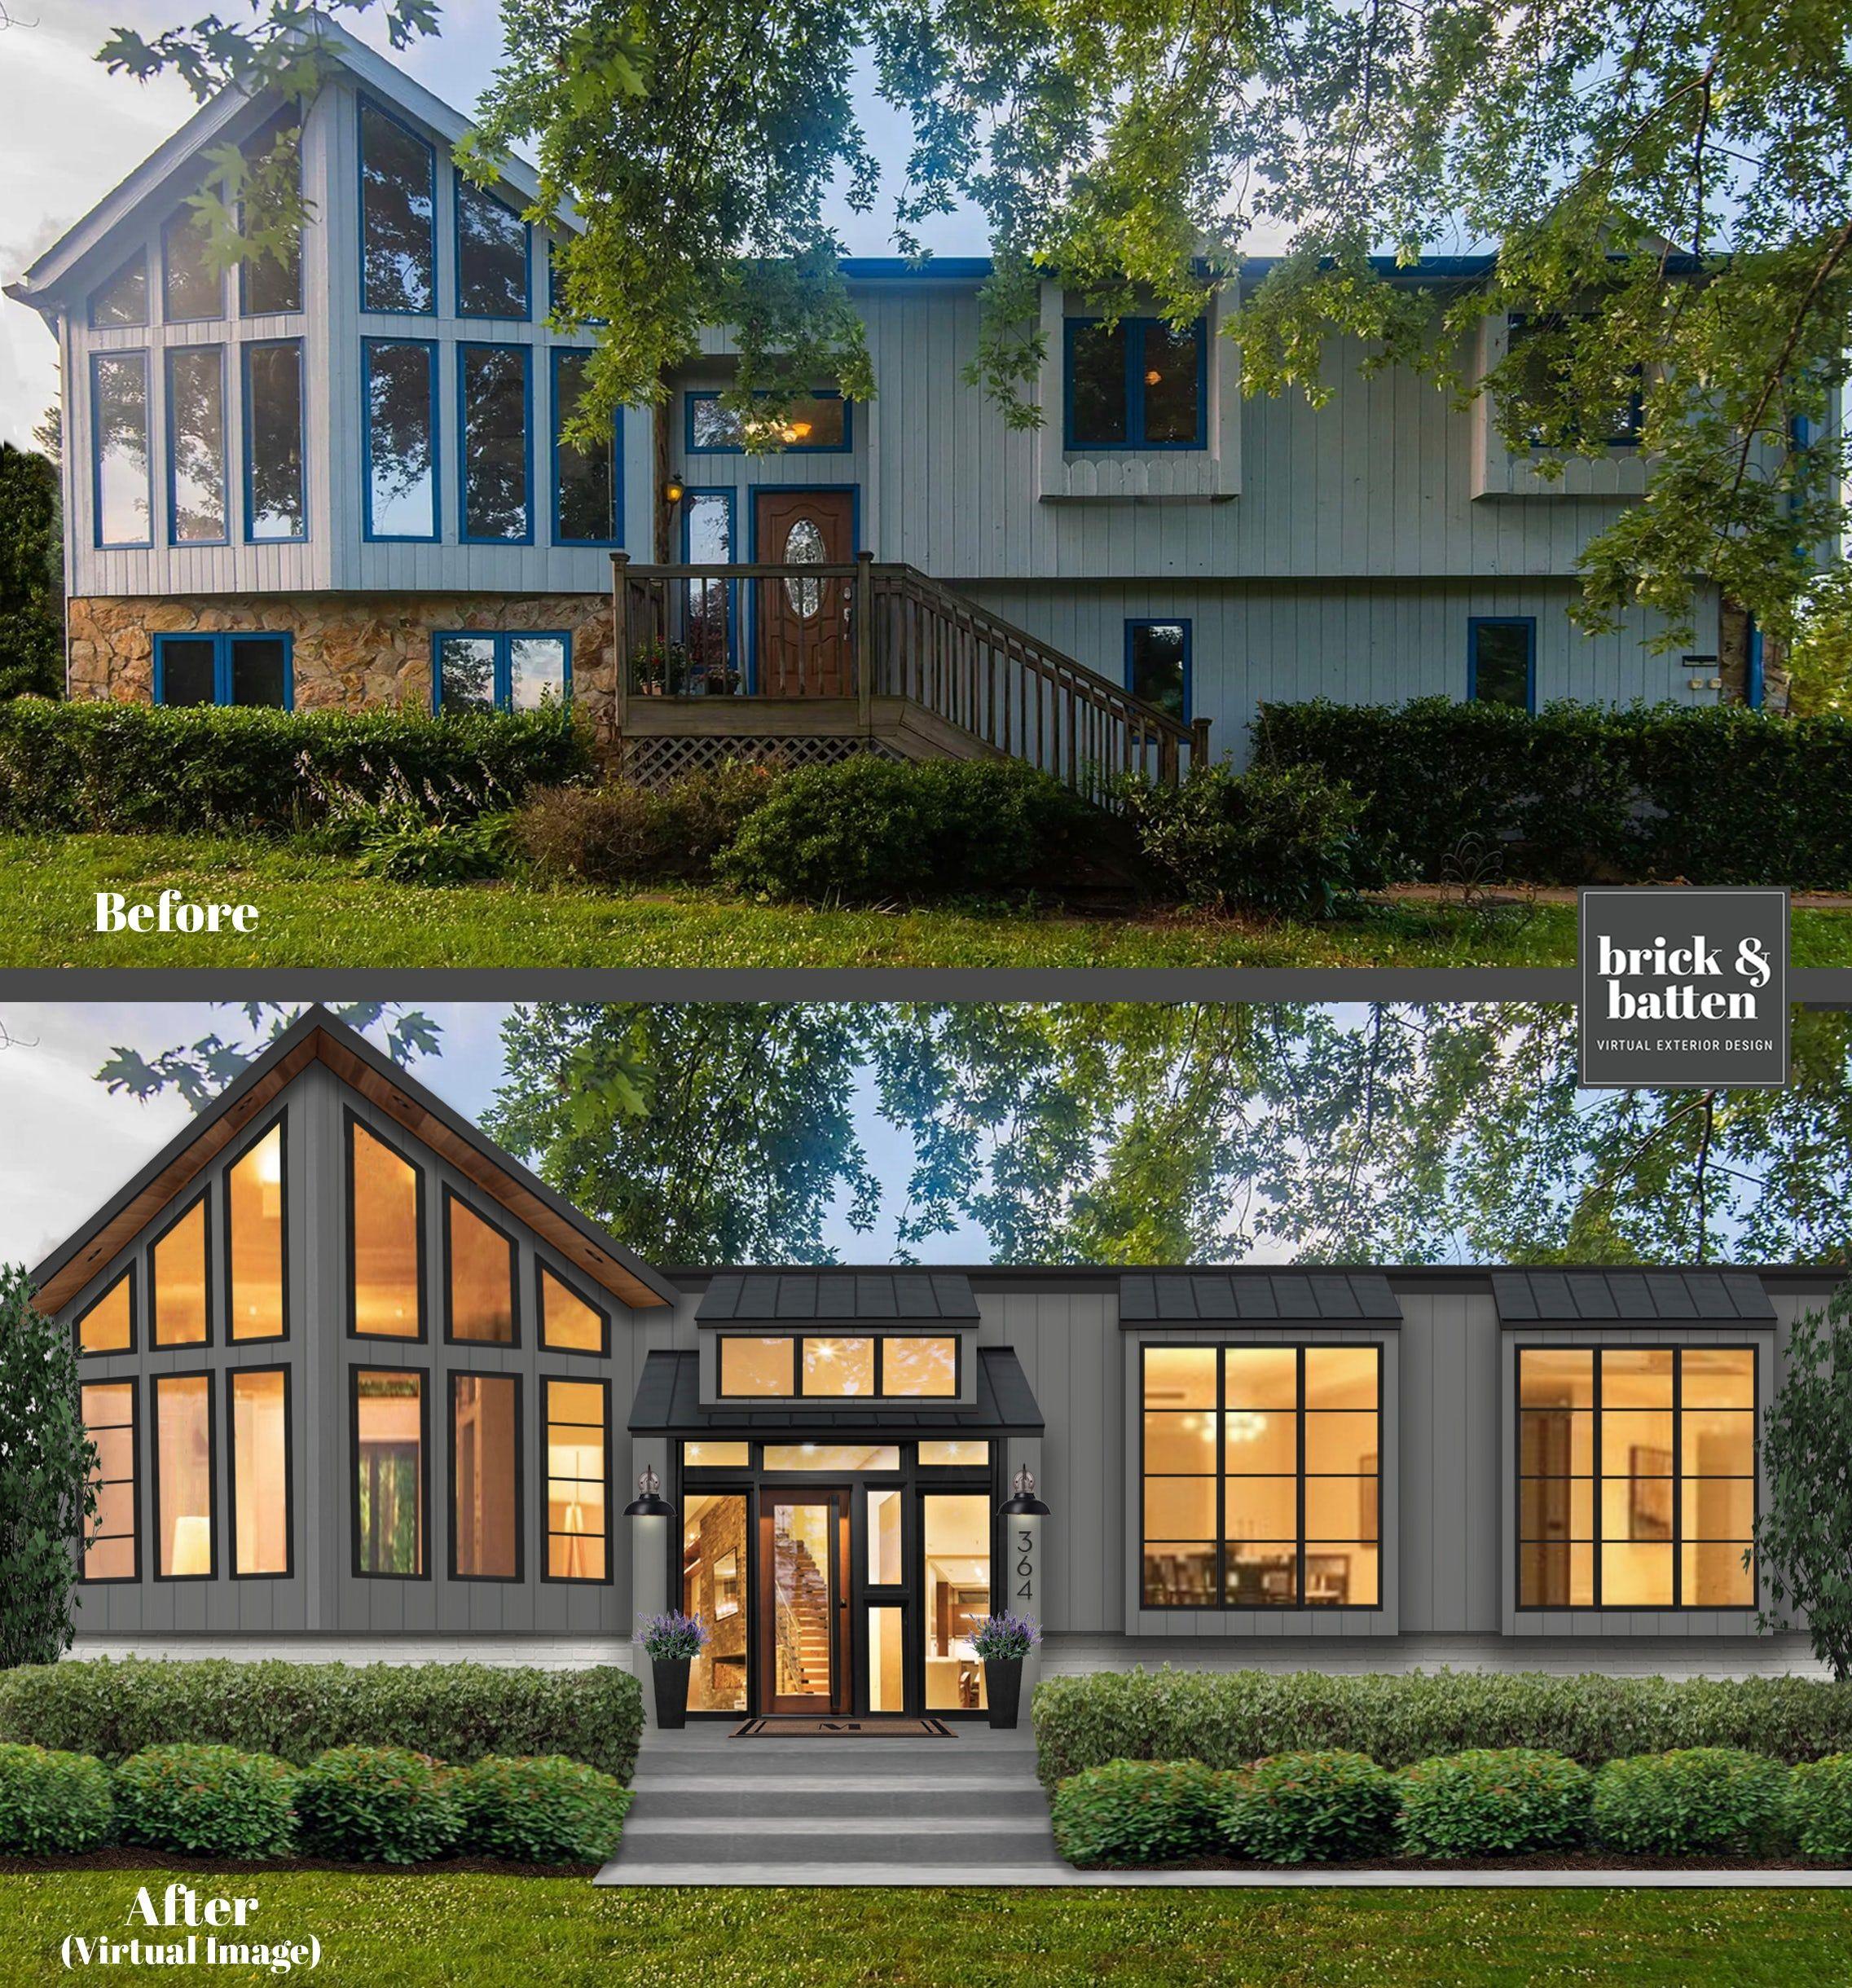 Mid-Century Modern Homes Still on Trend for 2020   Blog   brick&batten